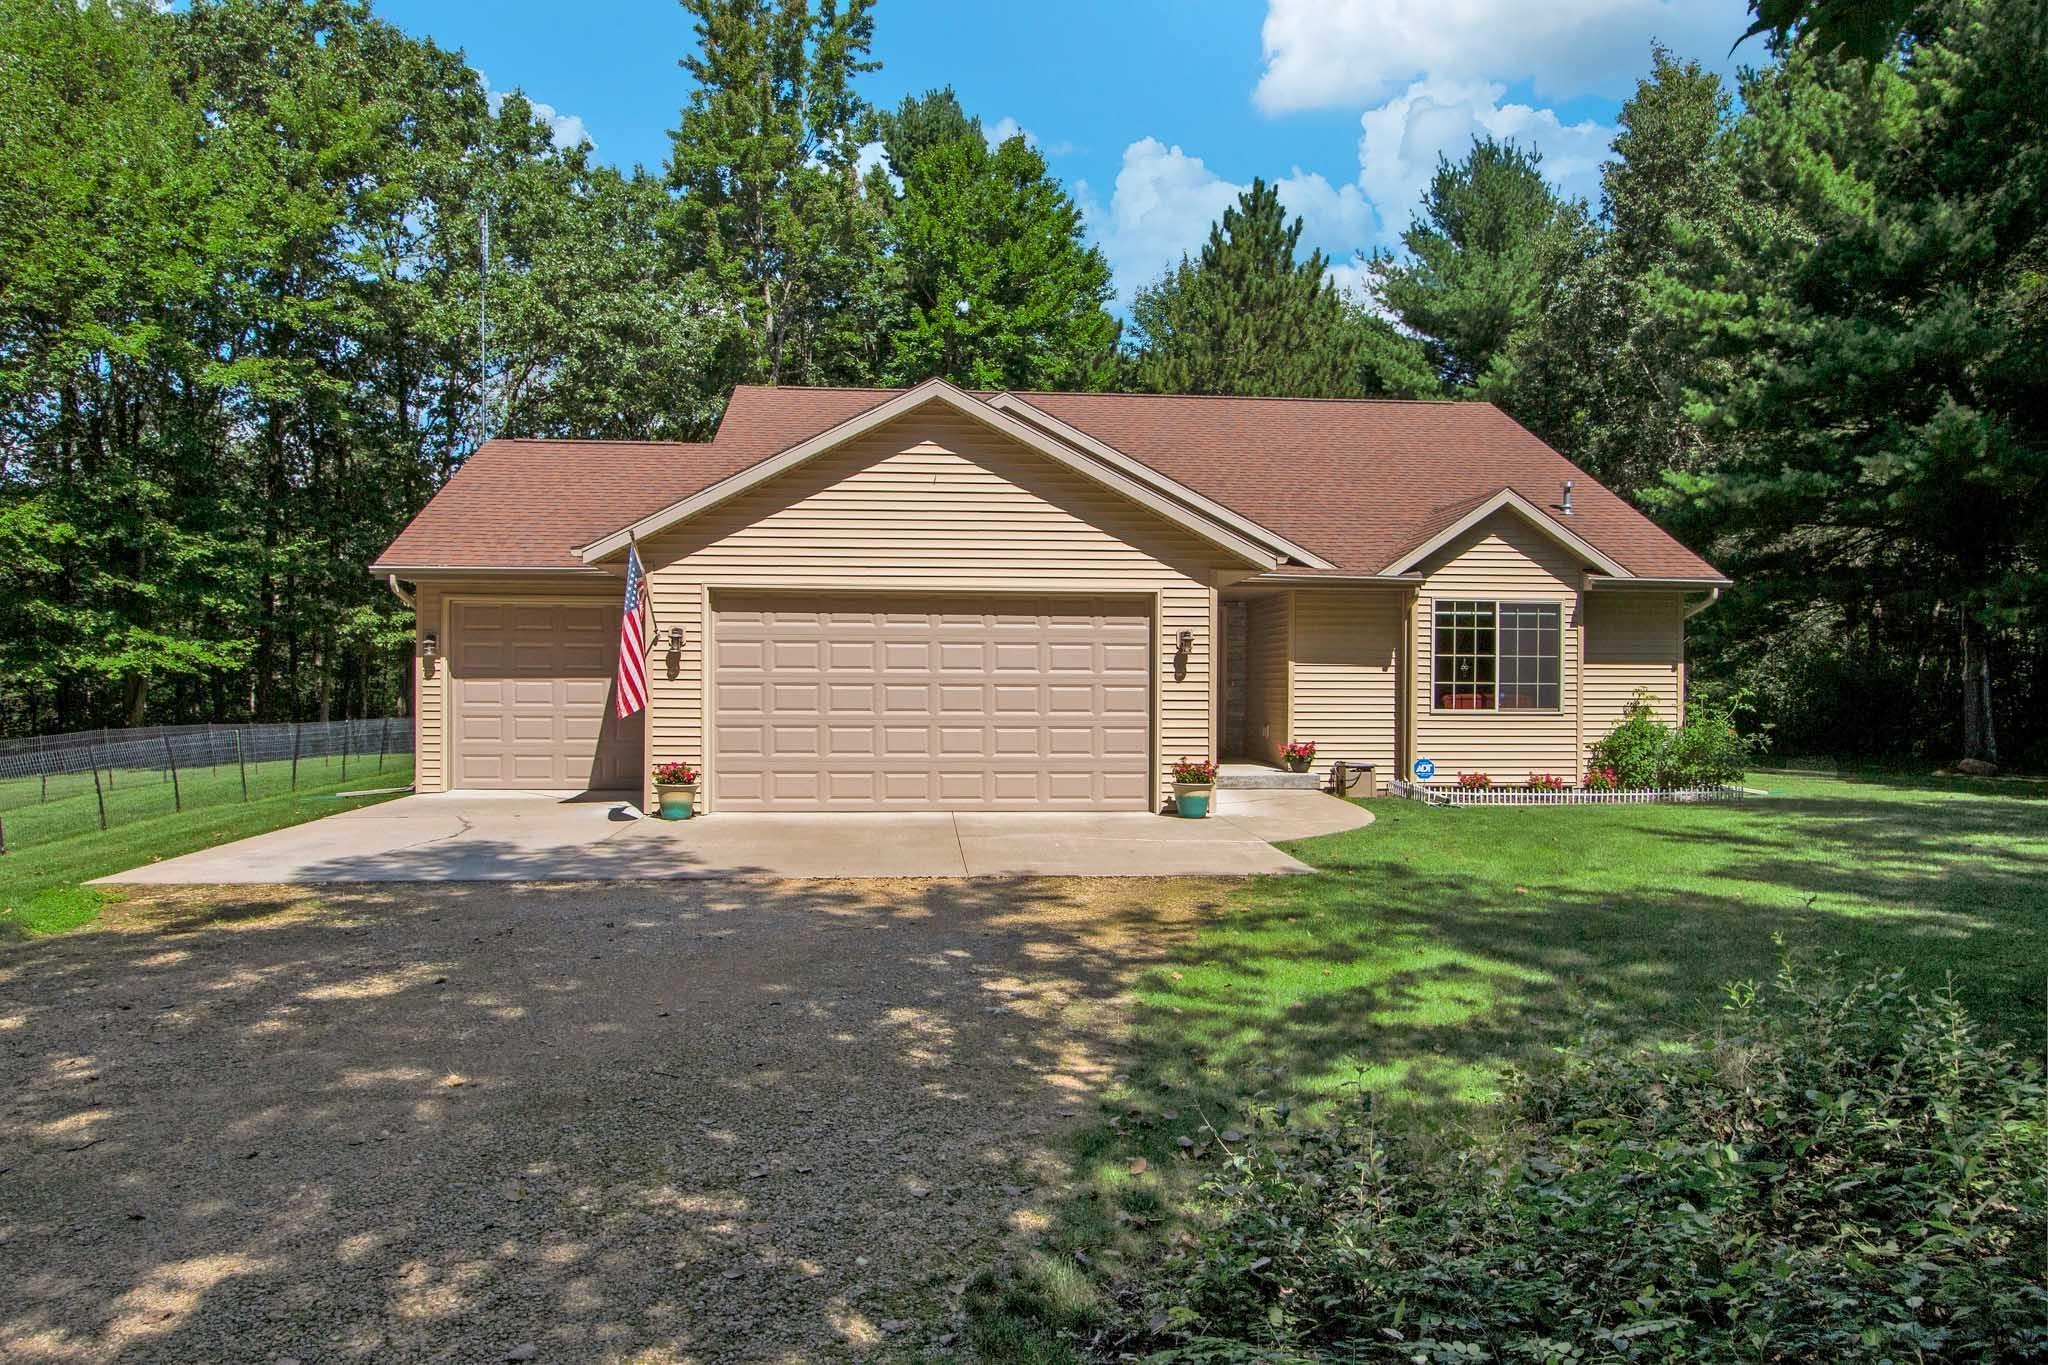 W8353 Royal Oaks Drive, Wautoma, WI 54982